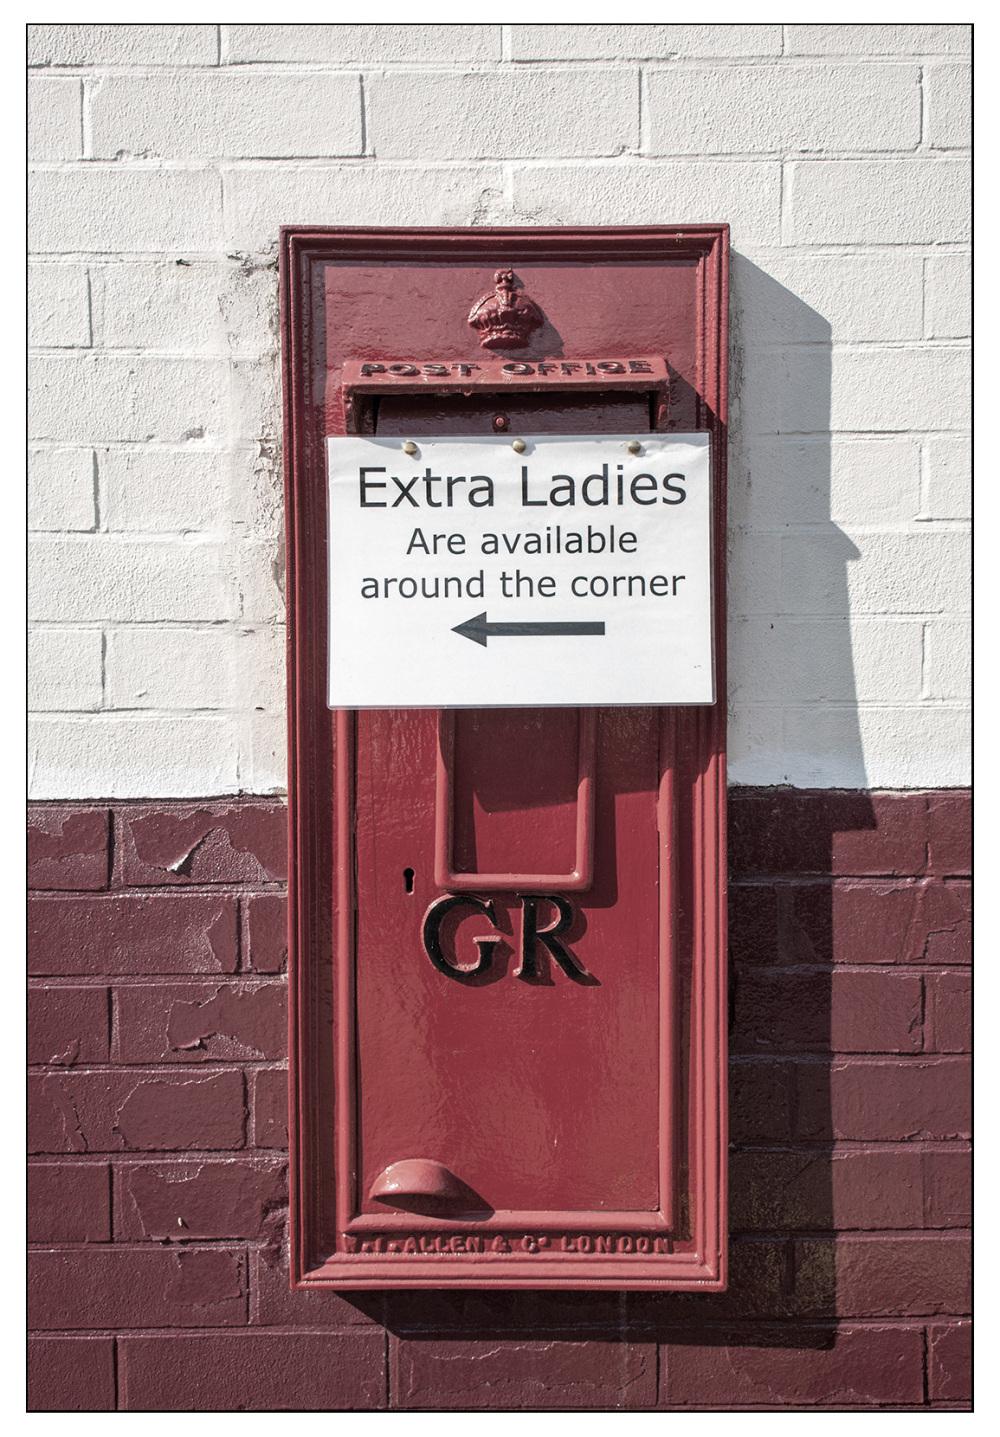 extra ladies available round corner